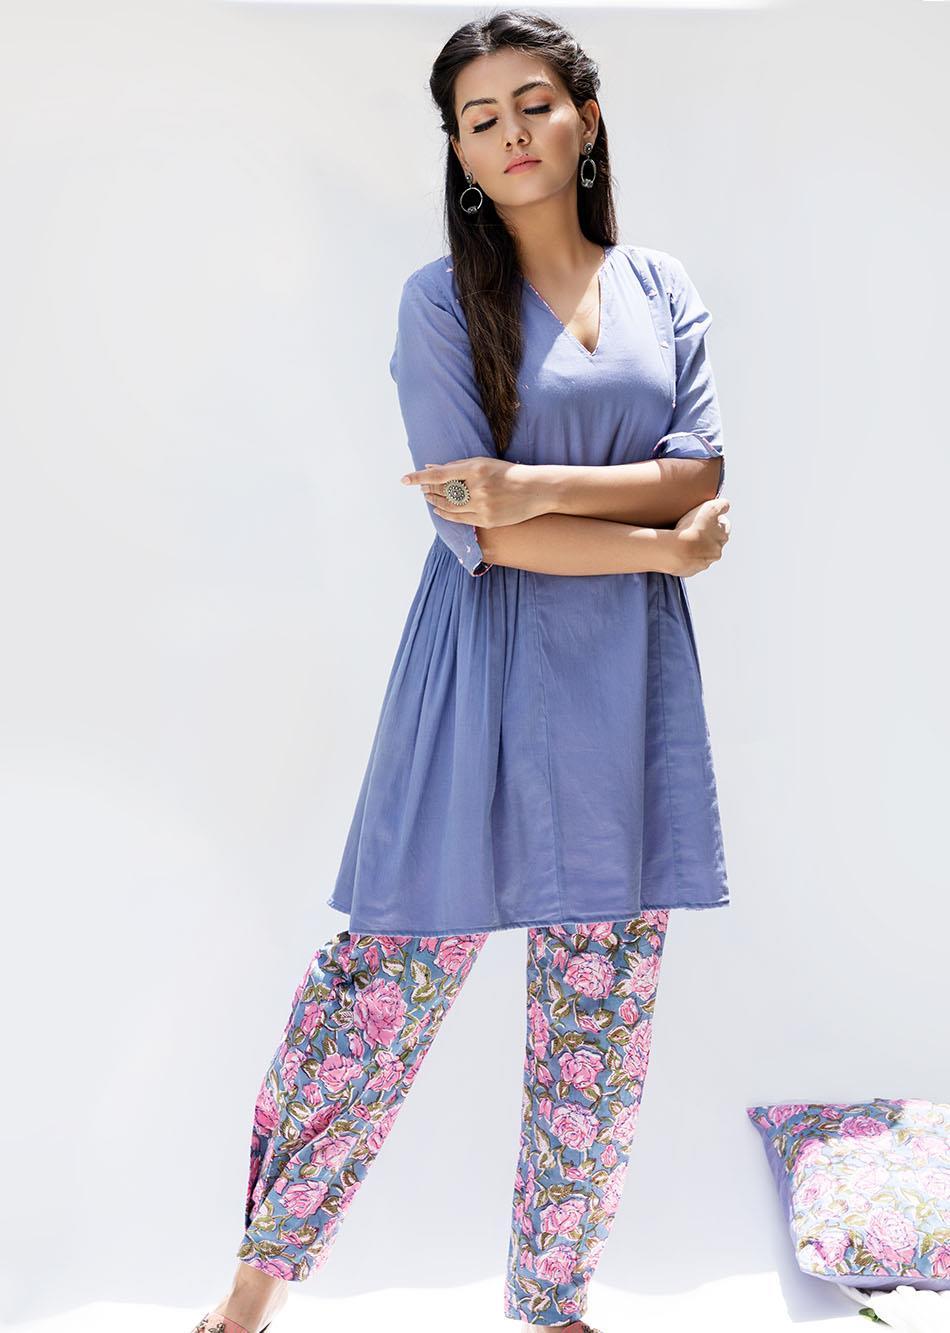 Baiguni Short kurti and Pants (Set of 2) By Jovi Fashion